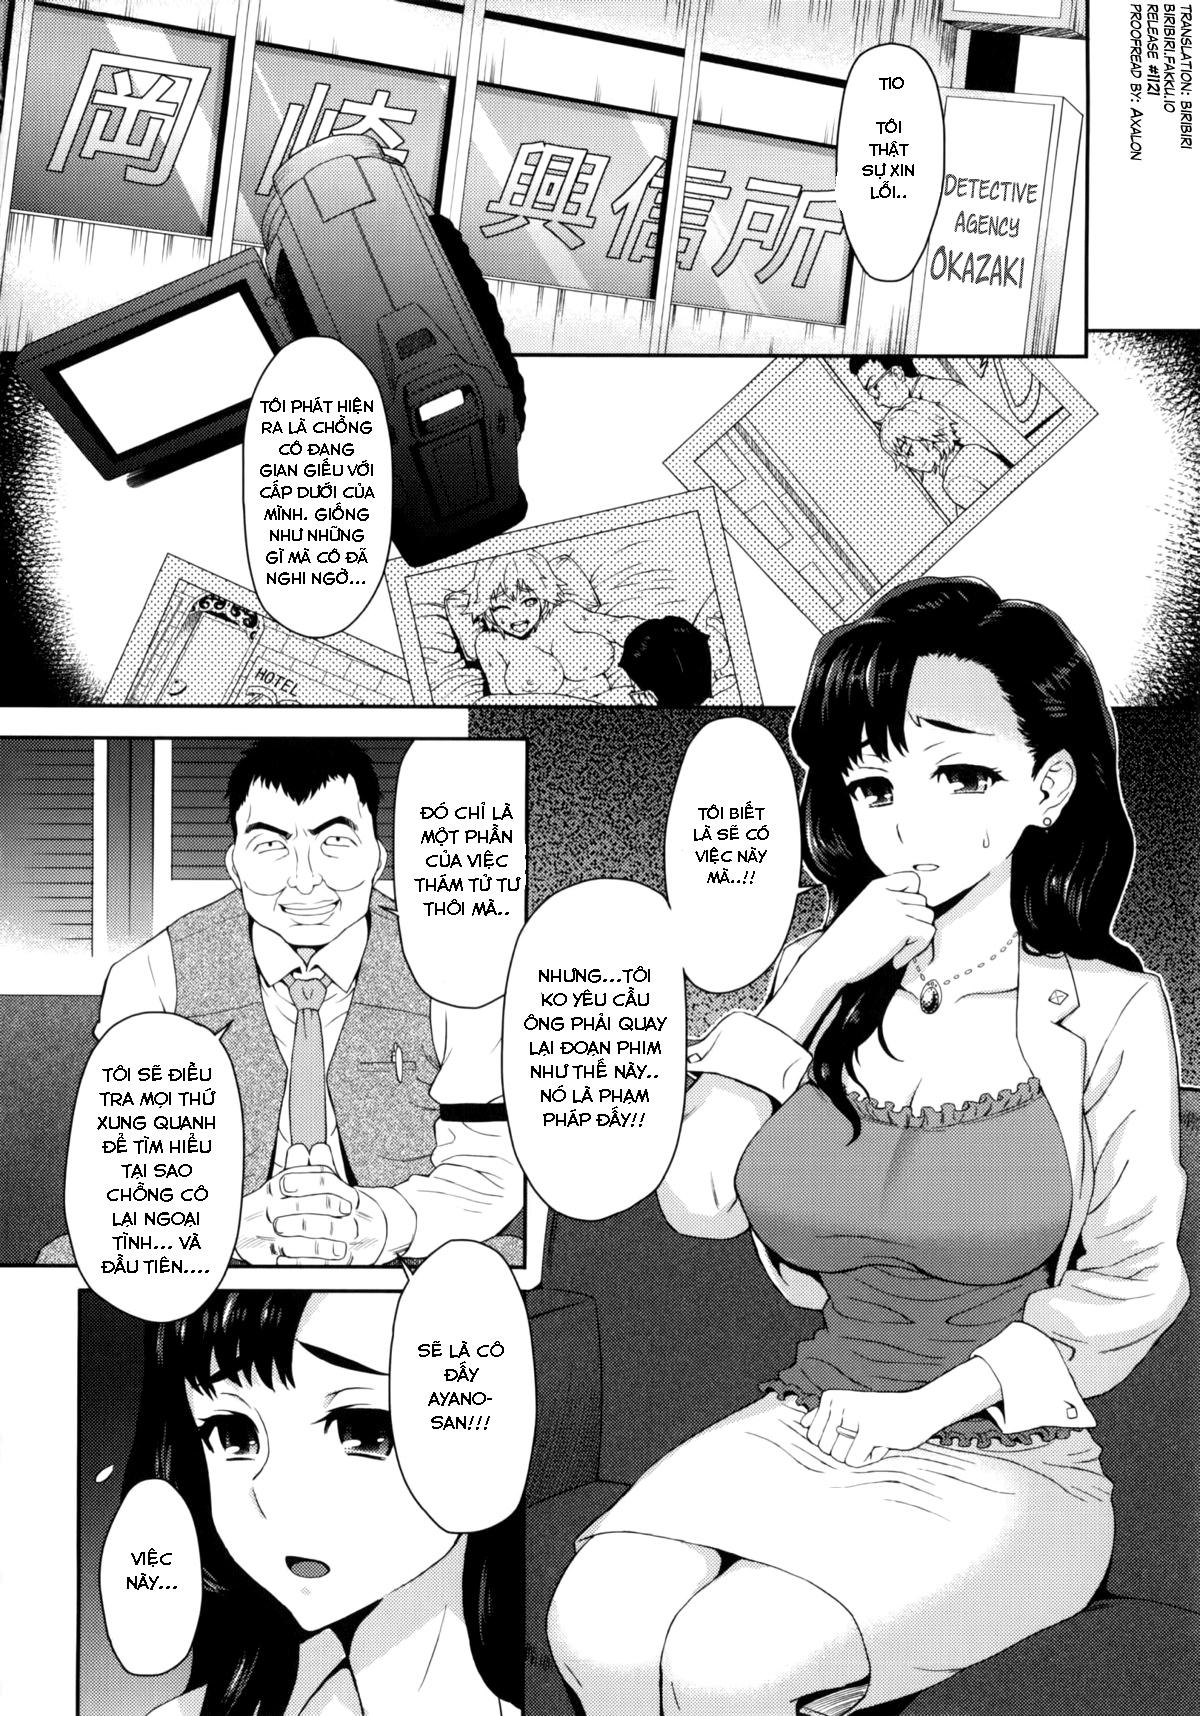 HentaiVN.net - Ảnh 5 - Cái Giá Của Ngoại Tình - Risou no Tsuma | An Ideal Wife - Oneshot